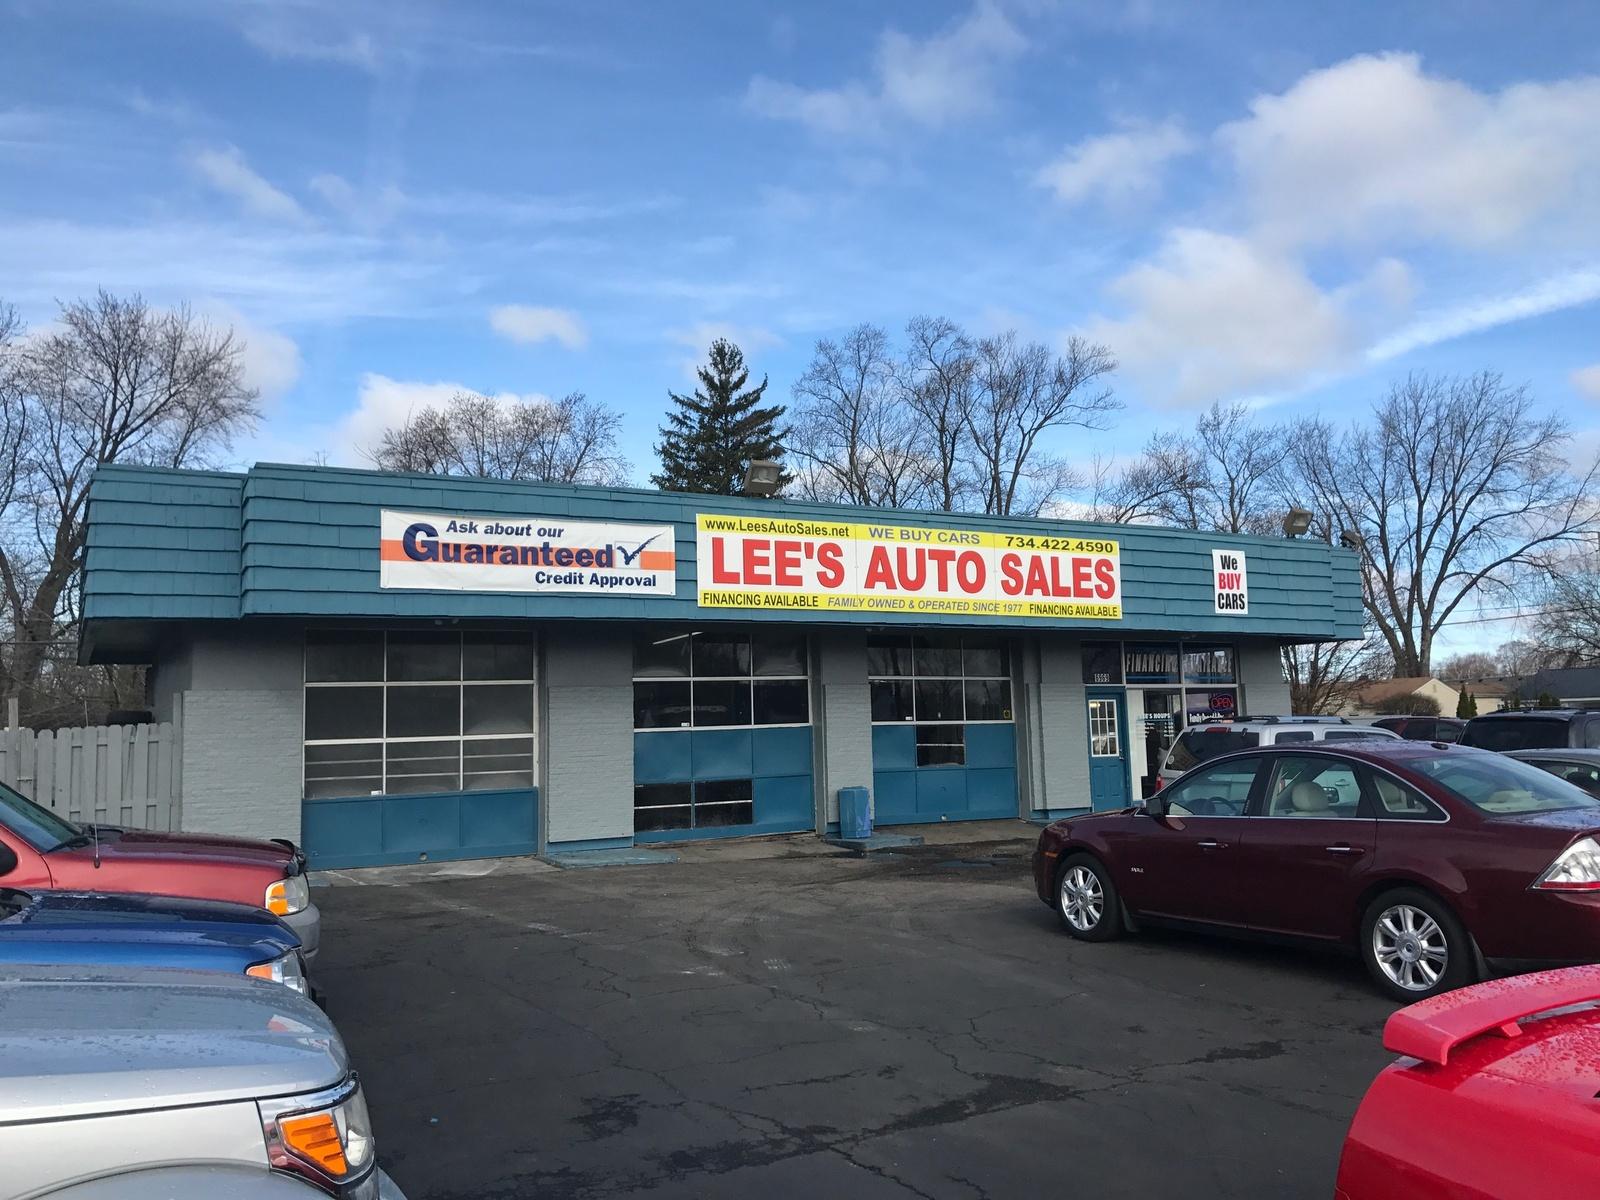 Lee\'s Auto Sales - Garden City, MI: Read Consumer reviews, Browse ...